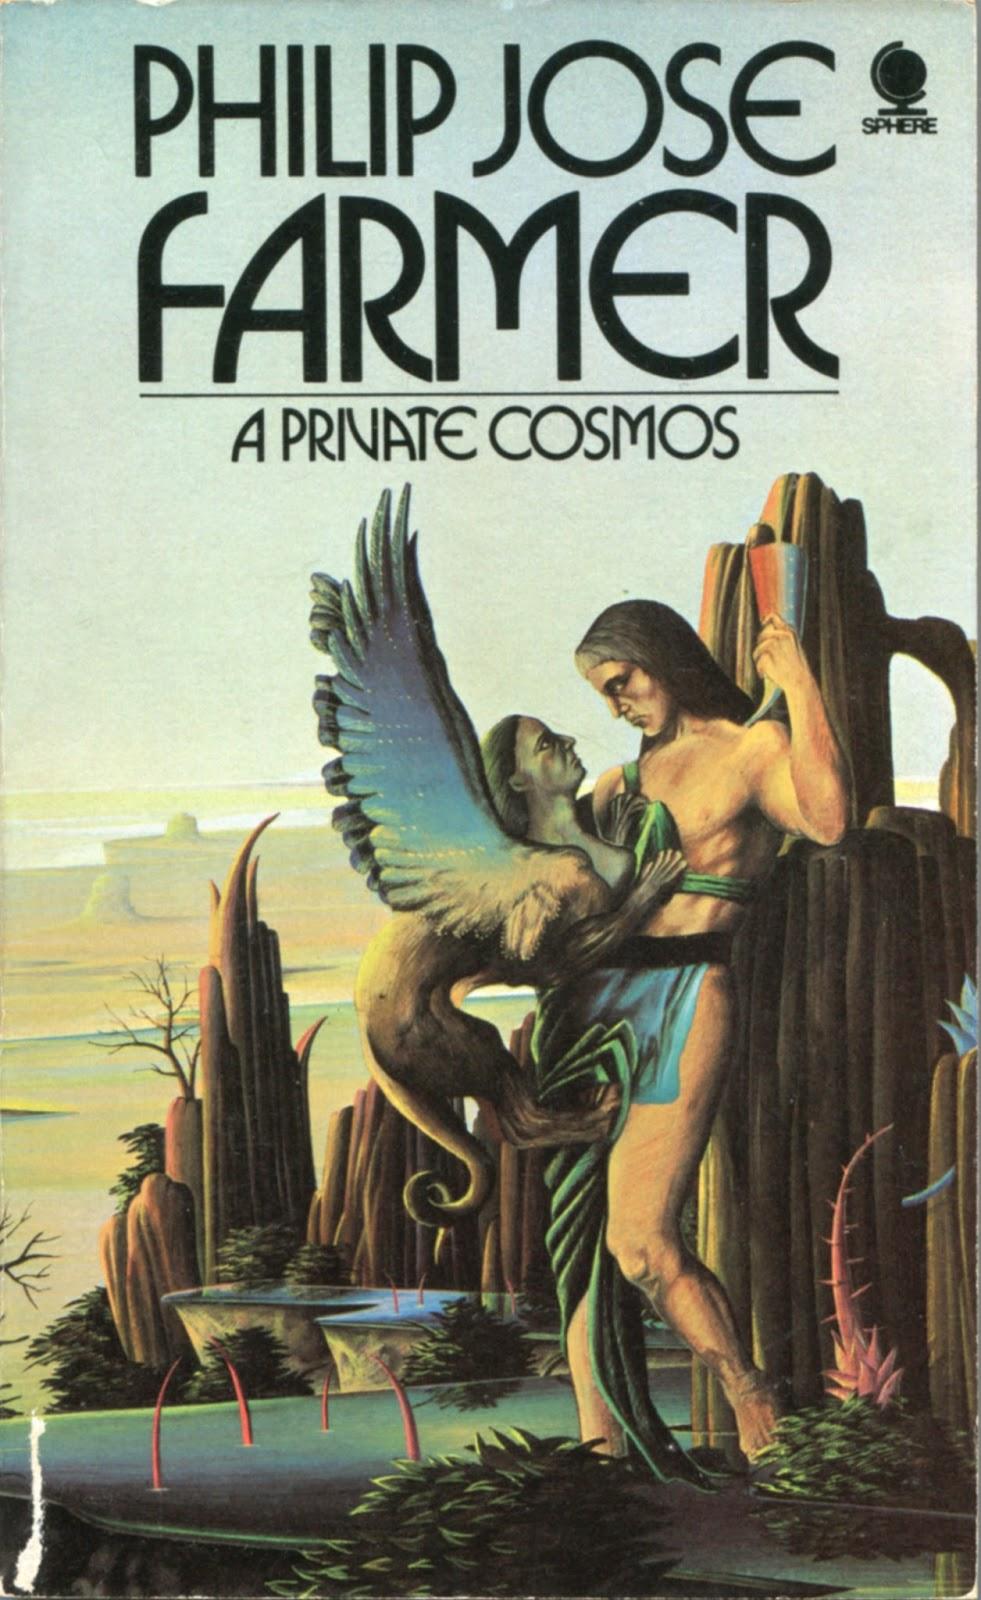 A Private Cosmos